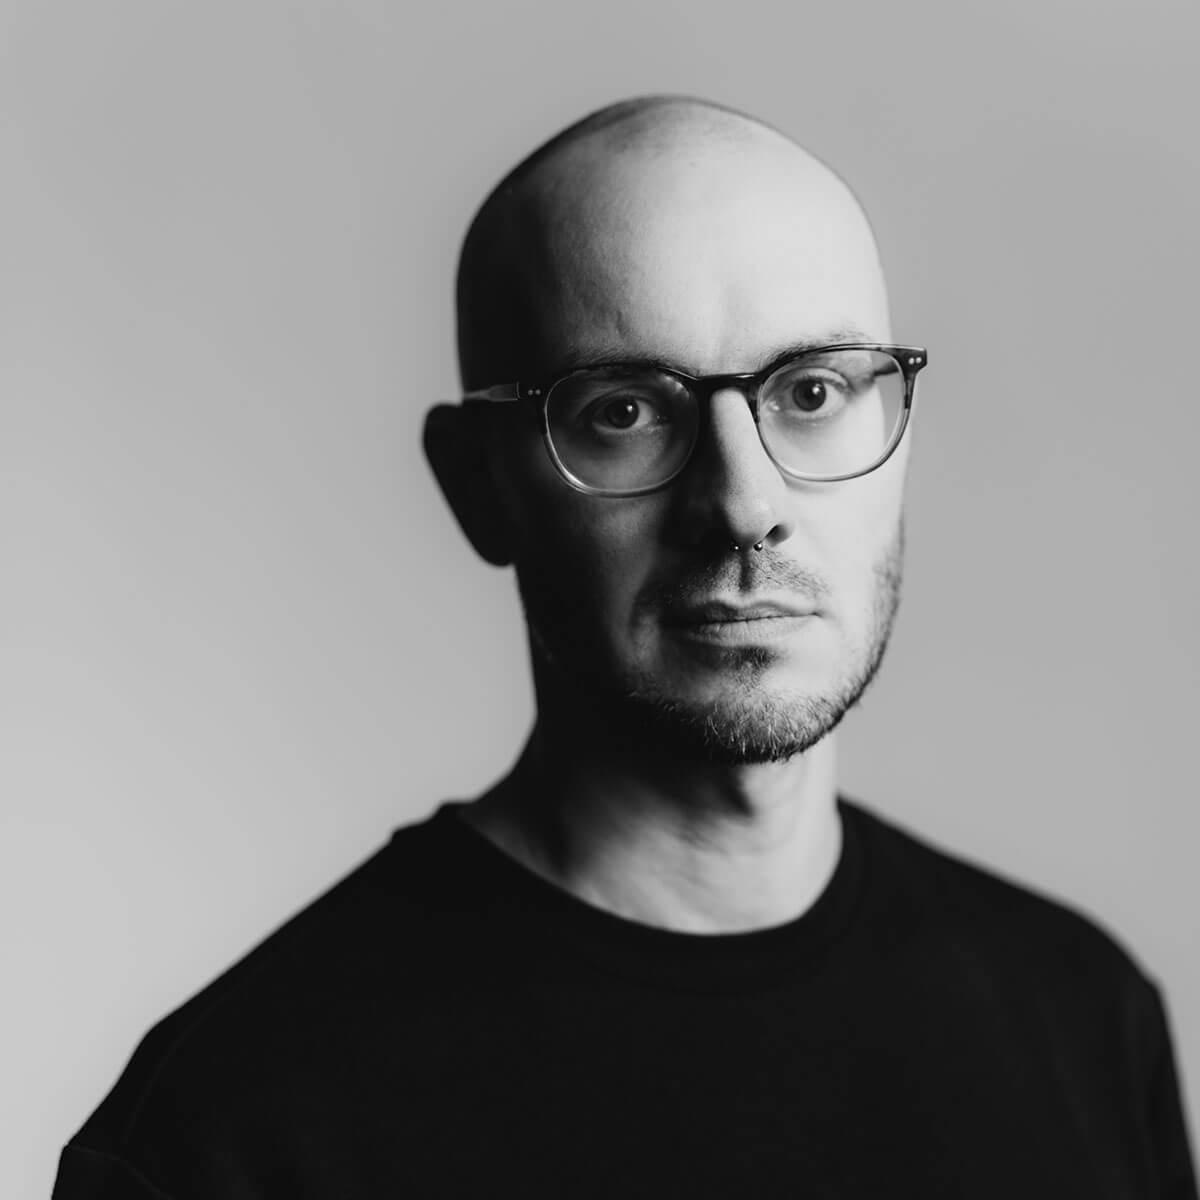 Florian Carevic